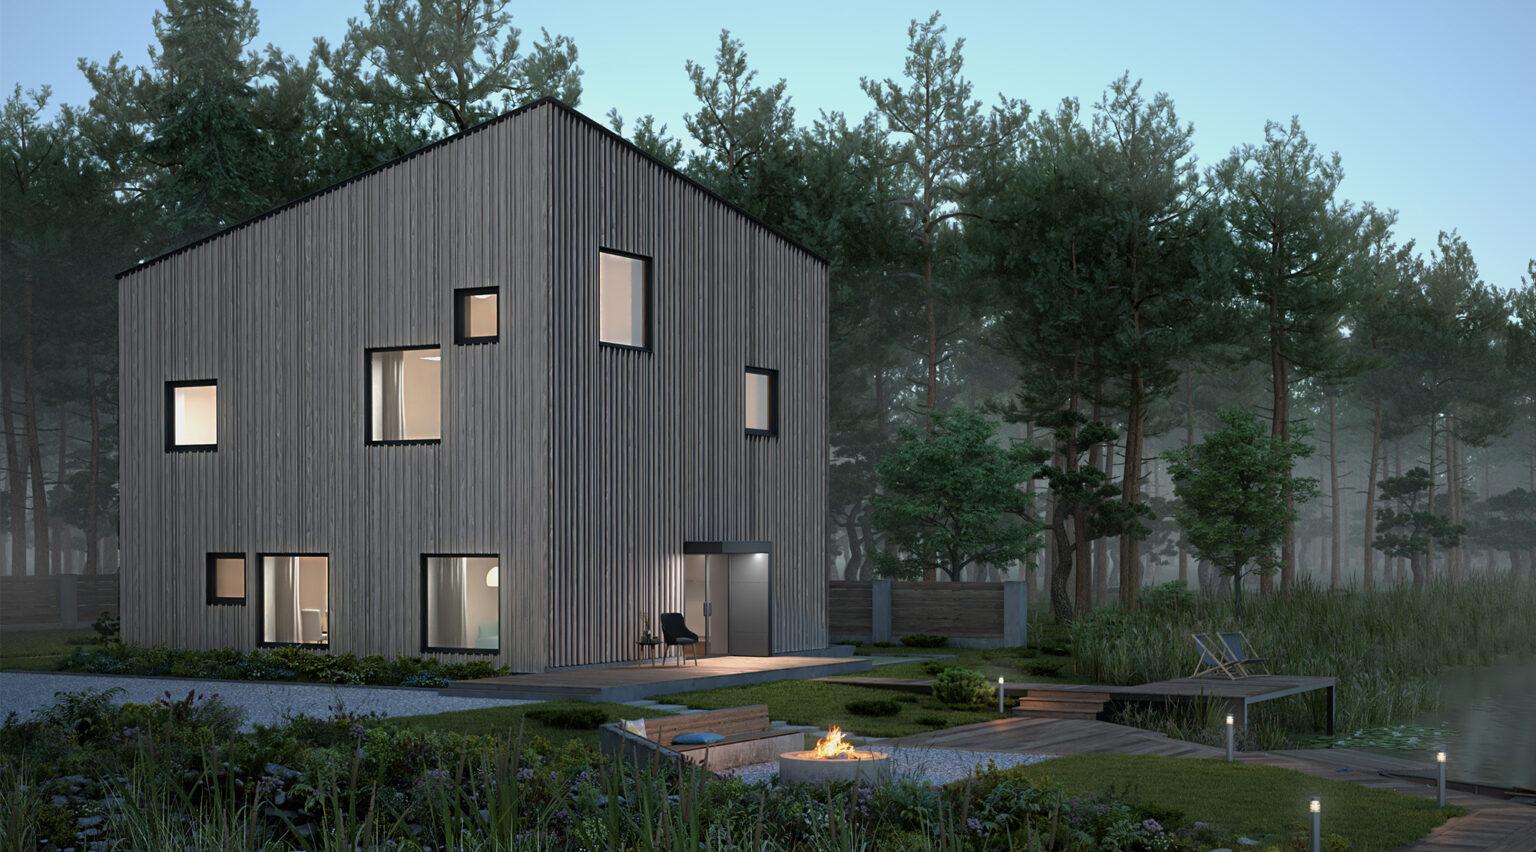 типовой проект энергоэффективного дома купить energy-efficient home